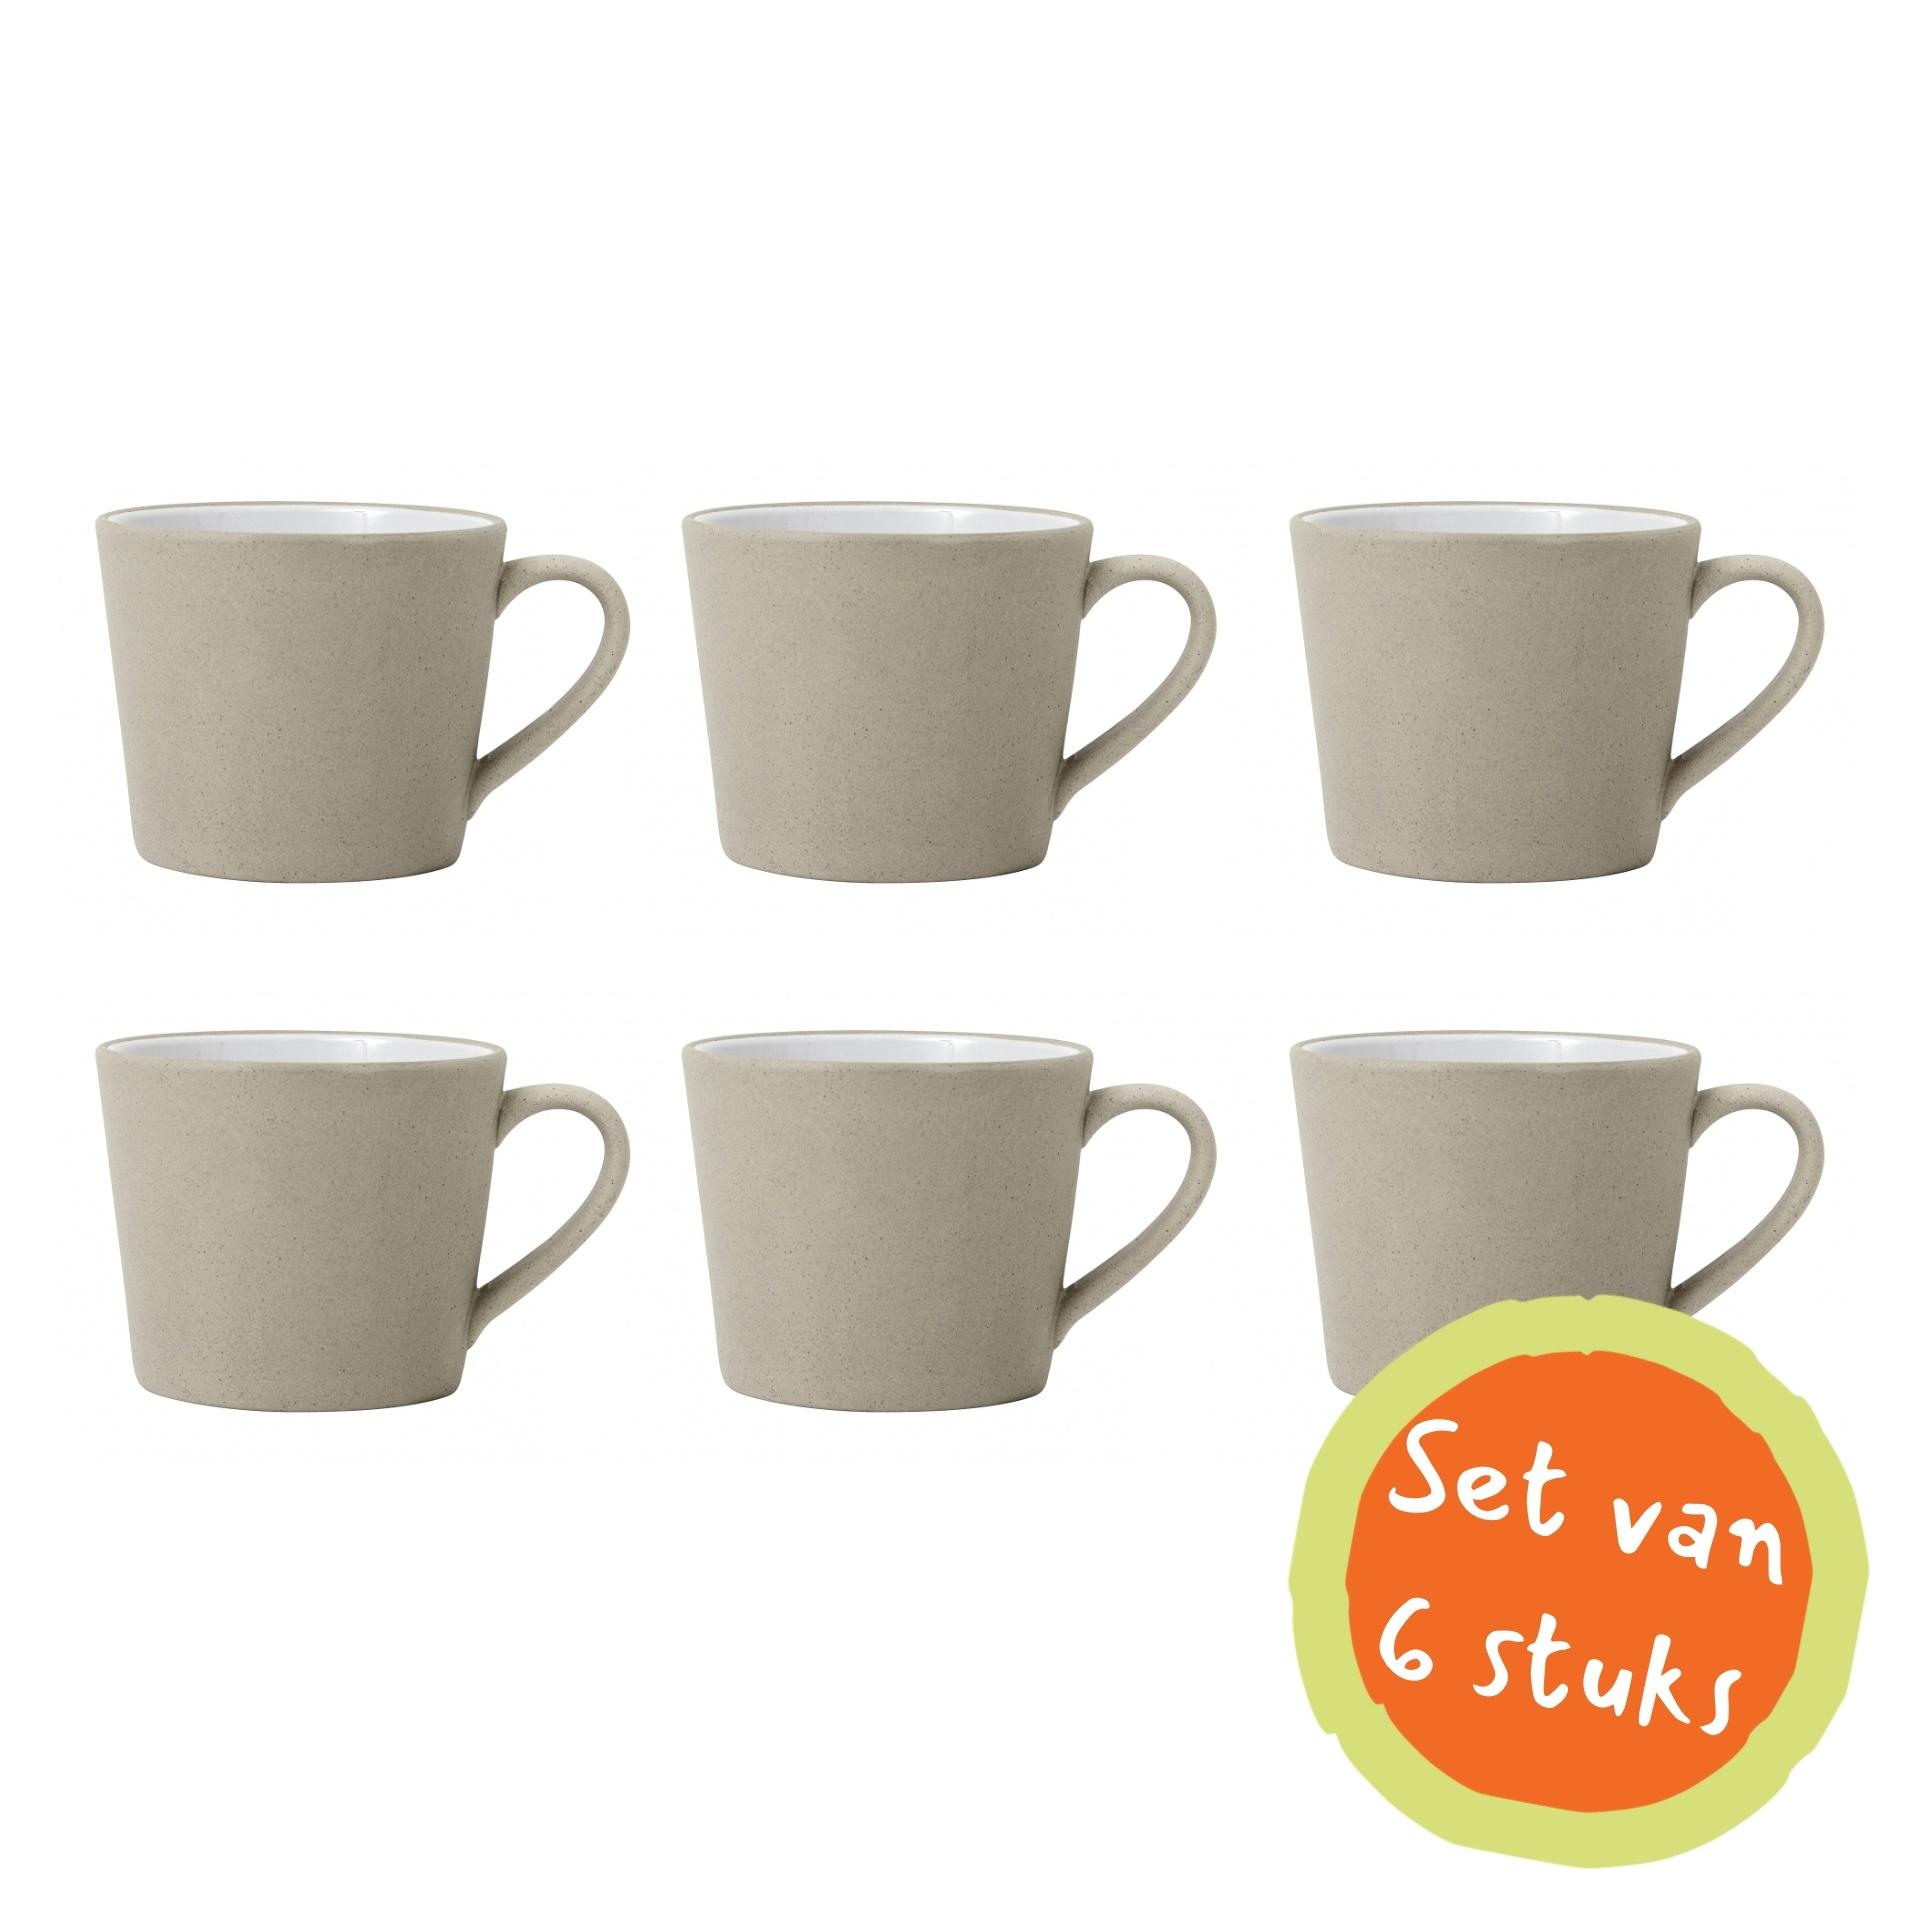 Nordal Cappuccinomok aardewerk grijs/wit - set van 6-5828-5708309140681